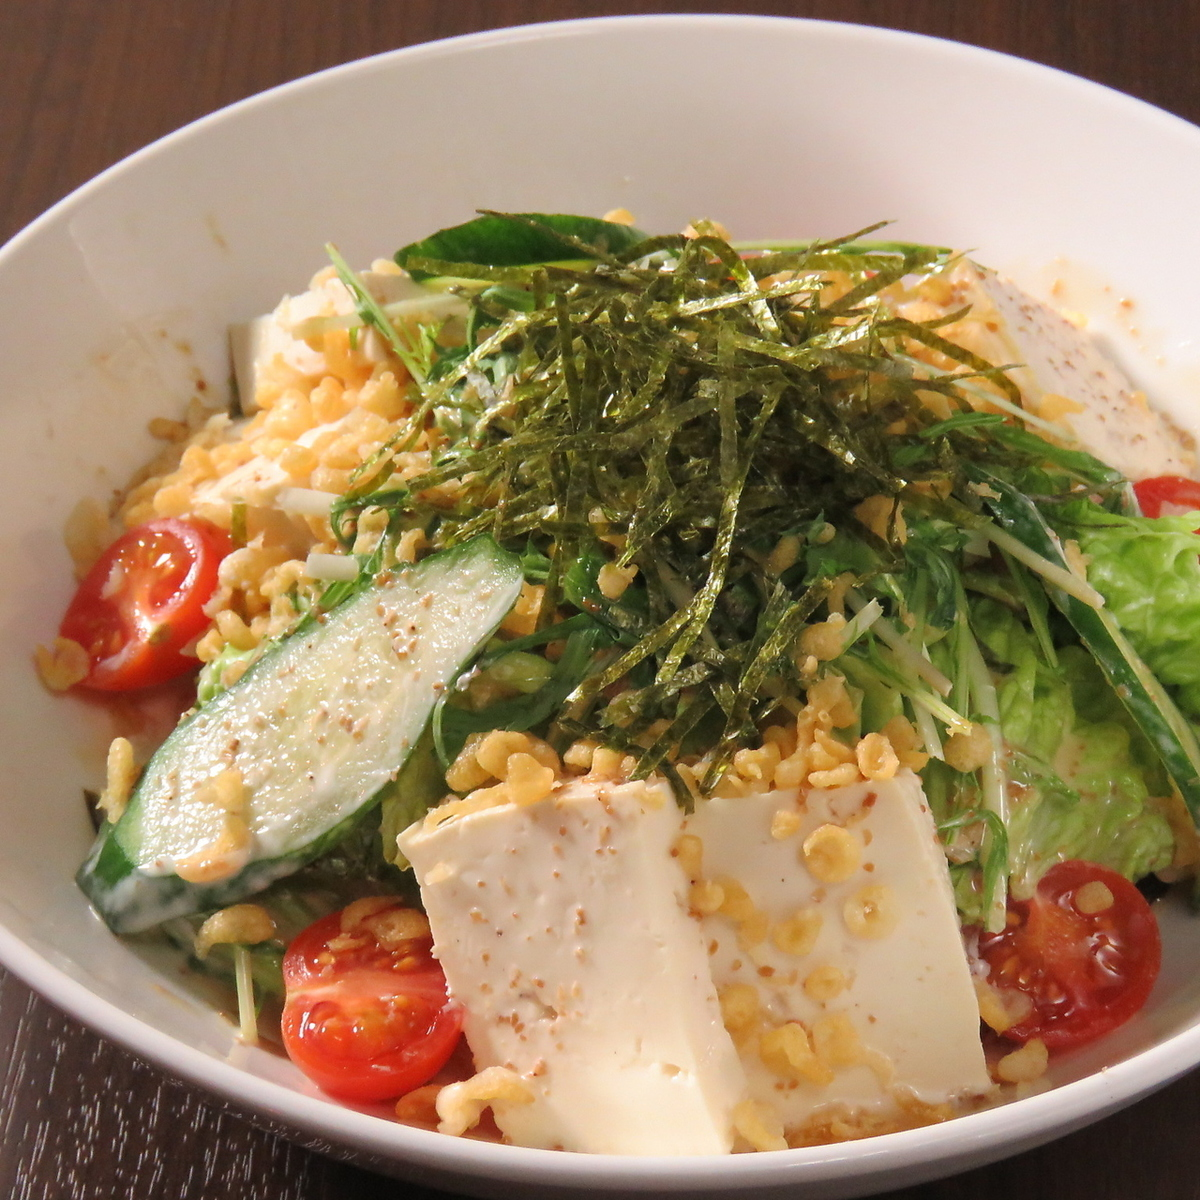 Raccoon tofu salad